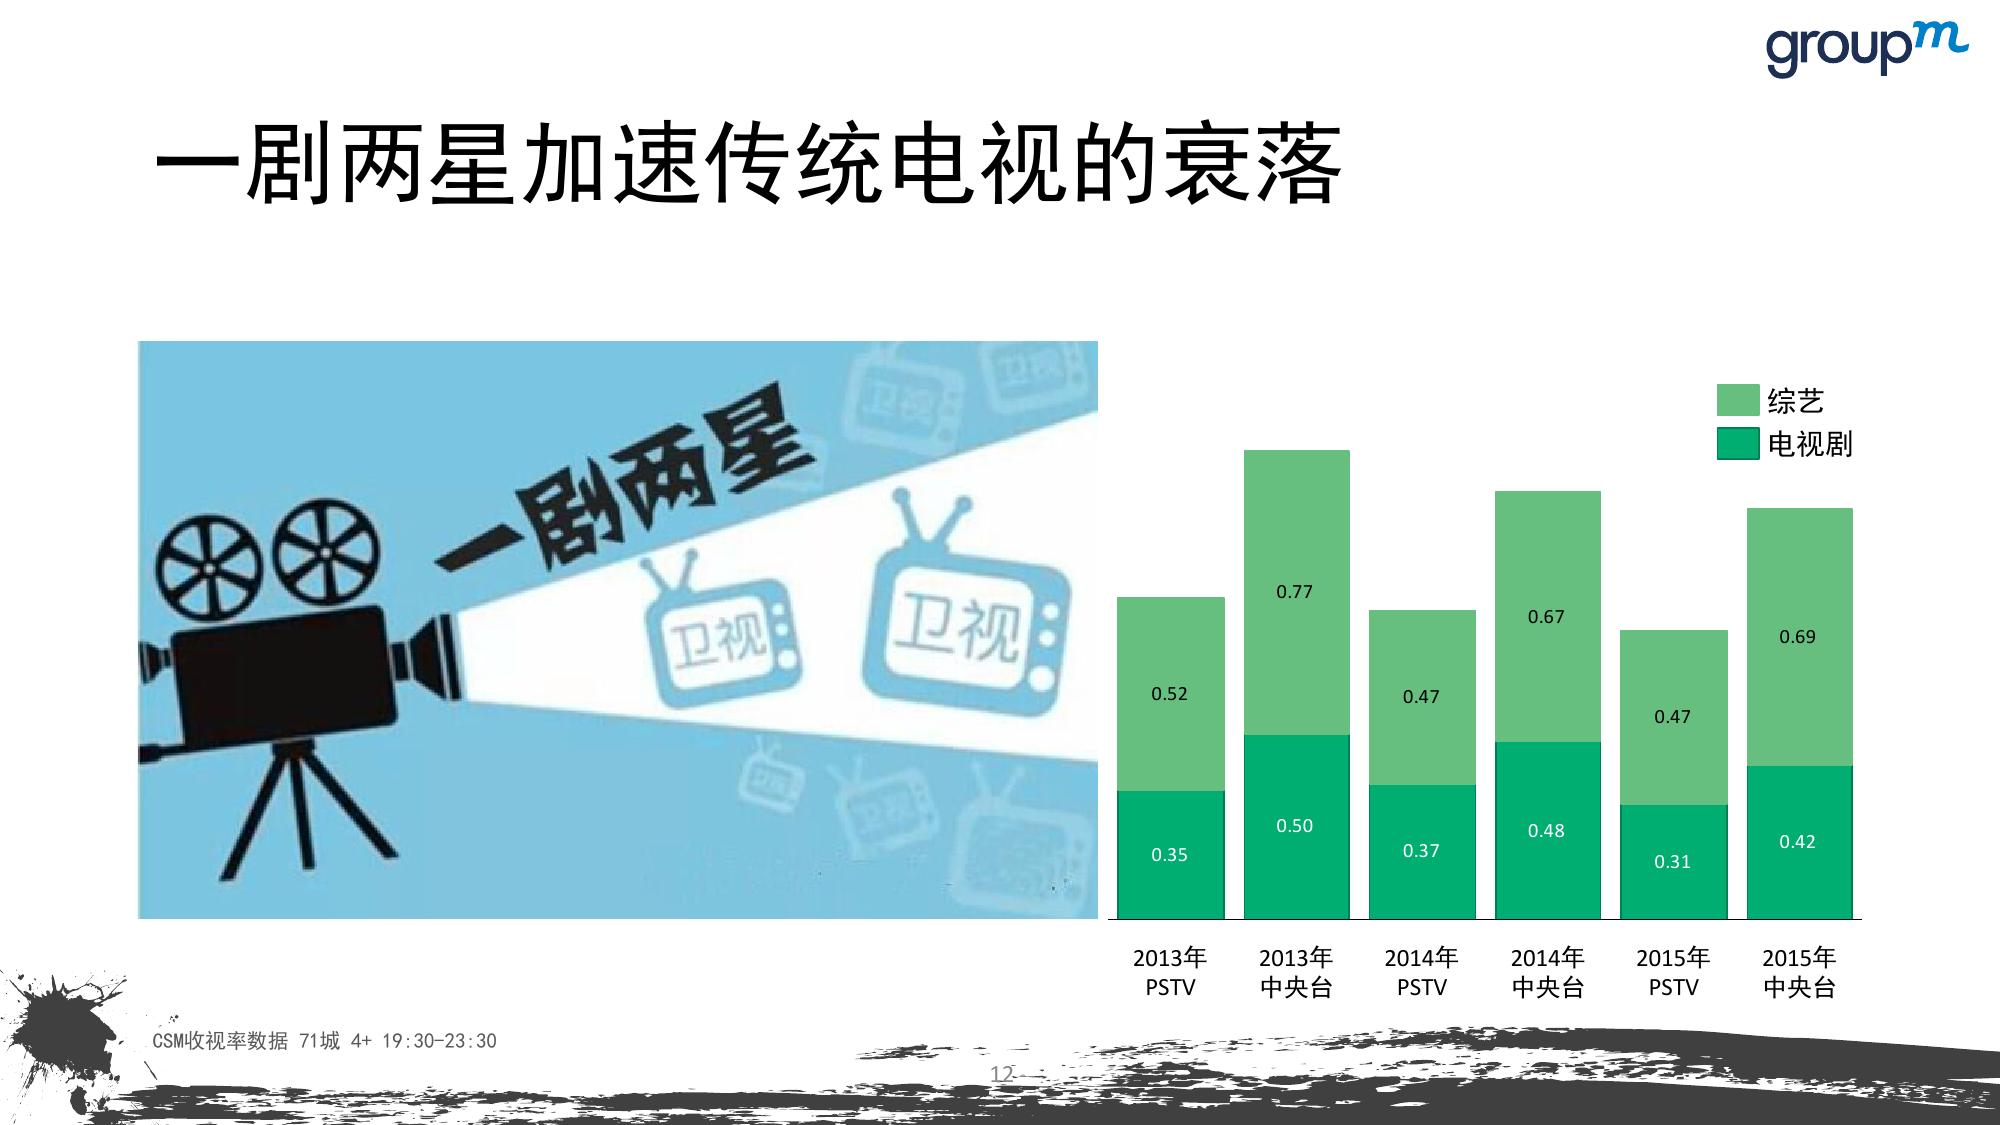 山海今2015中国媒介趋势报告_000012